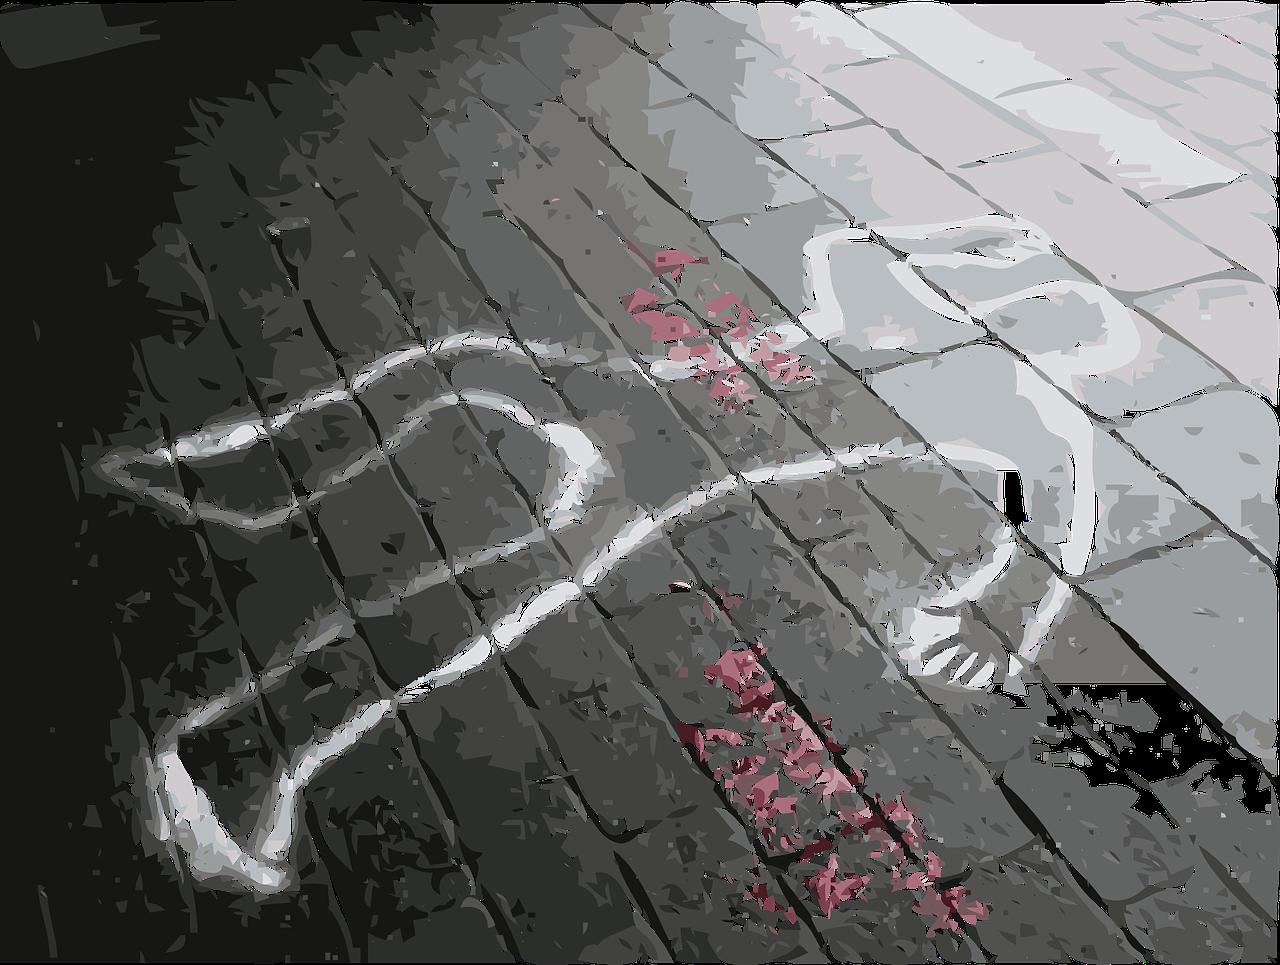 Brutale handlinger mod mennesker